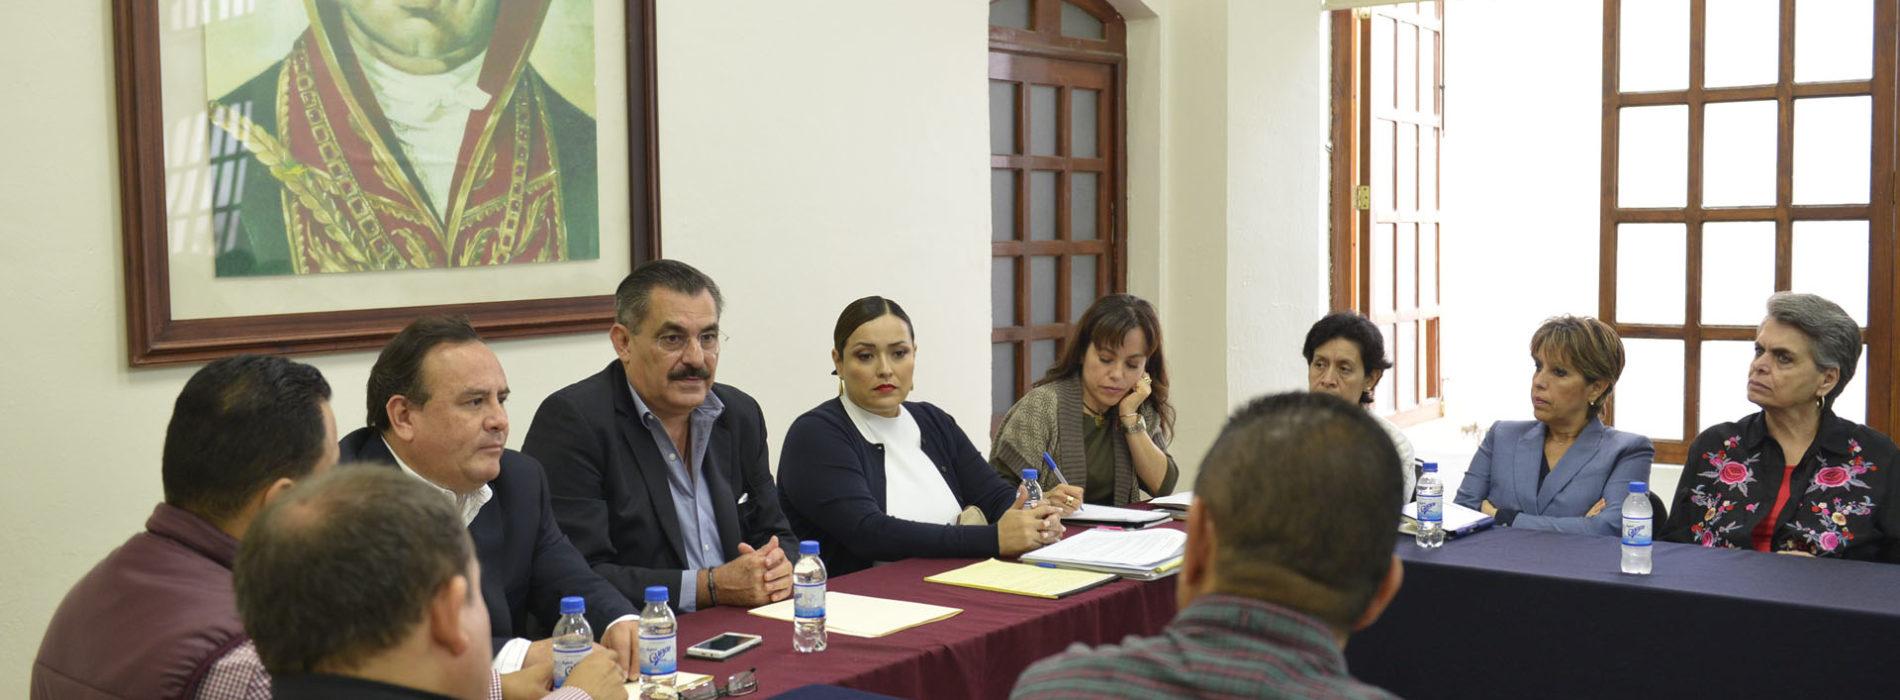 Oaxaca de Juárez más viva que nunca; espera el arribo de turistas